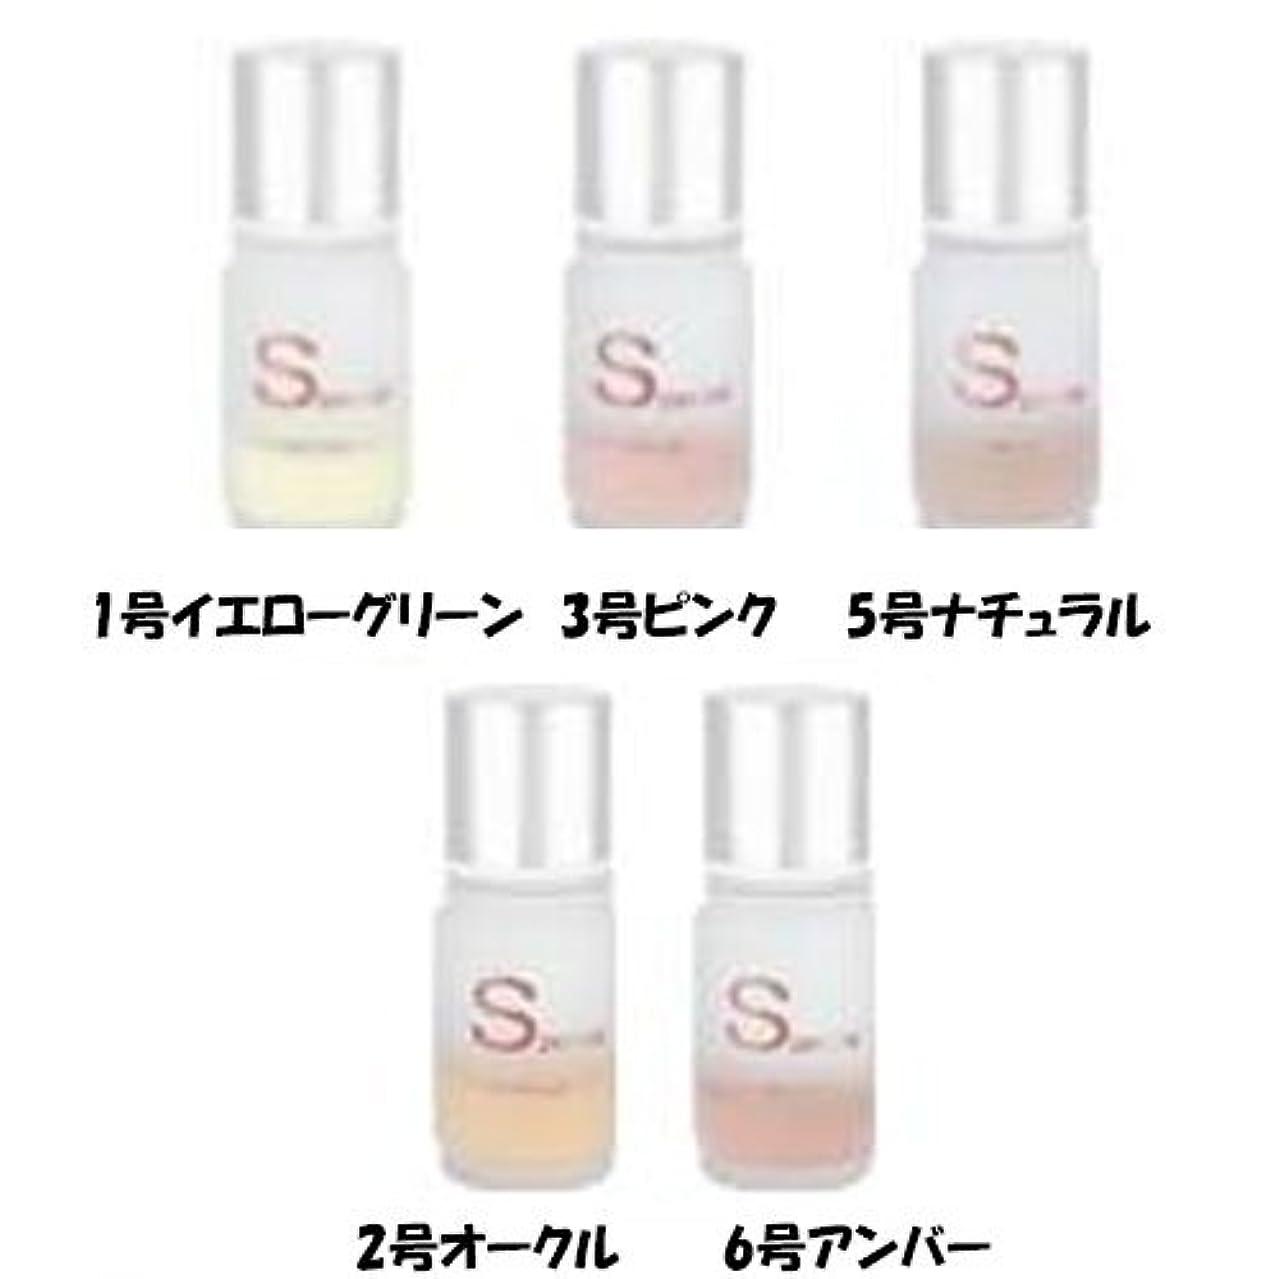 デジタルコントラスト呪いジュポン スペシャルファンデーションS 30mL (3 ピンク)